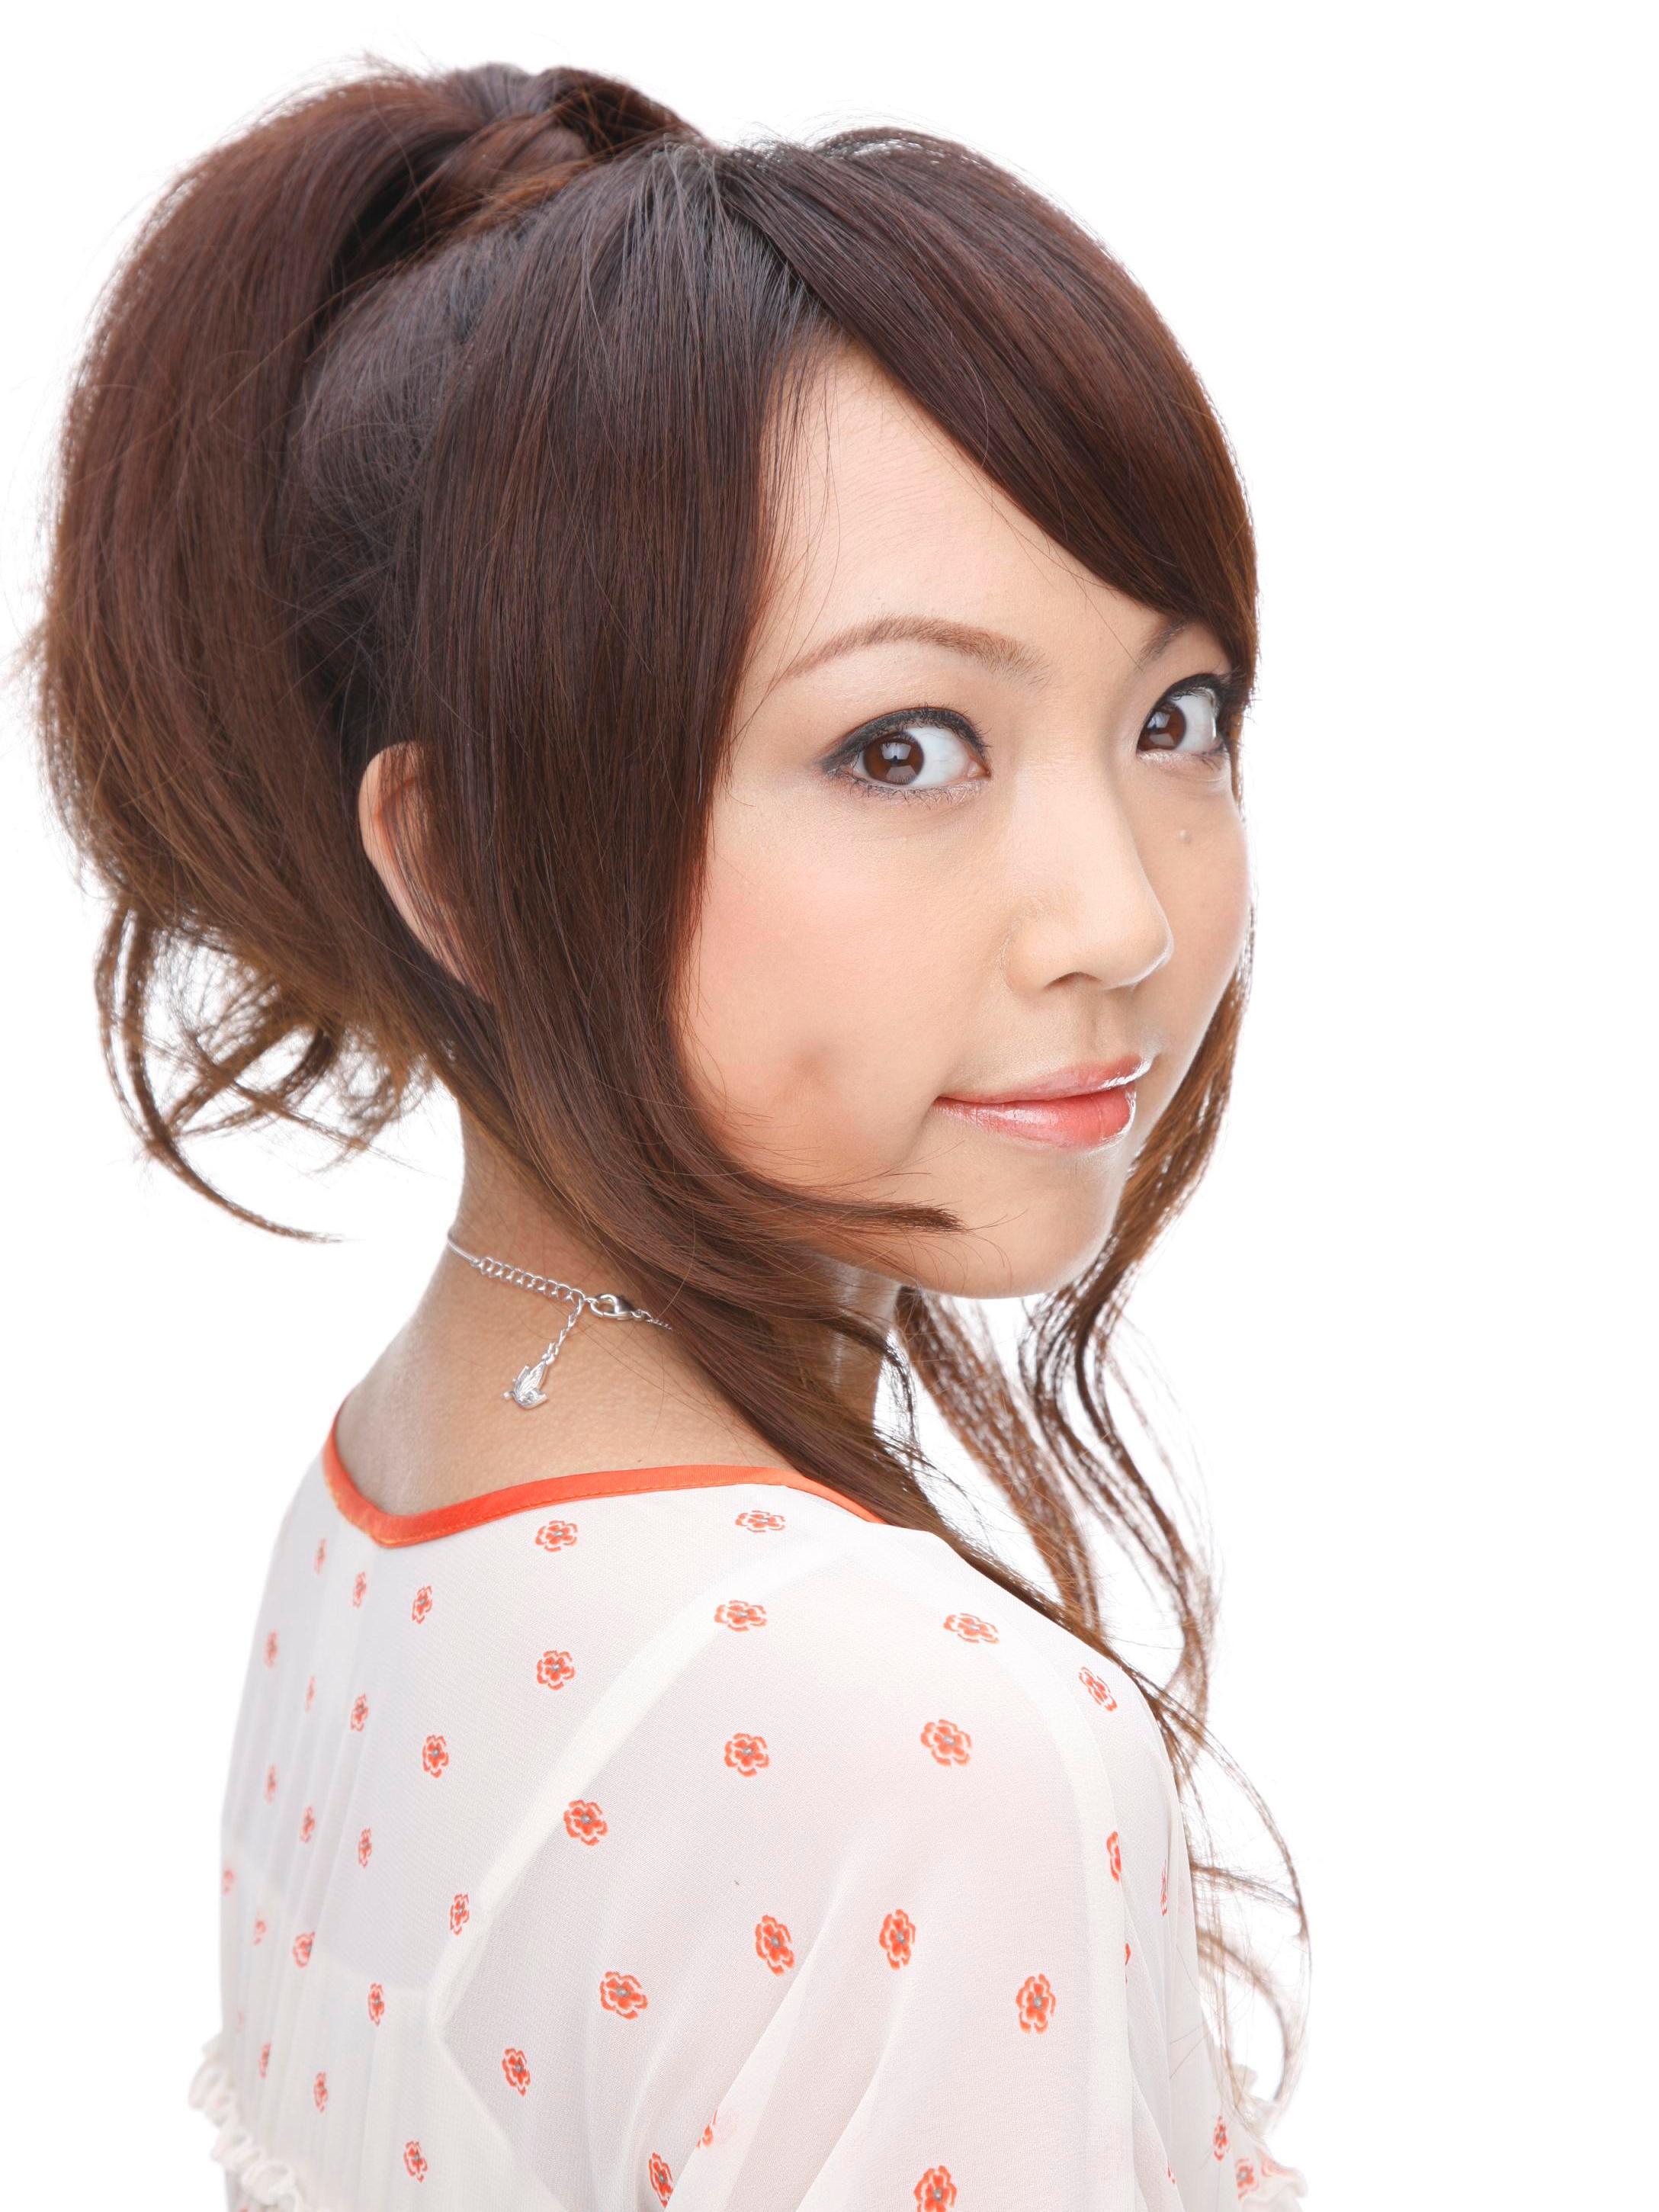 木村美紀と中田翔に熱愛疑惑浮上!かわいい東大出身タレント!